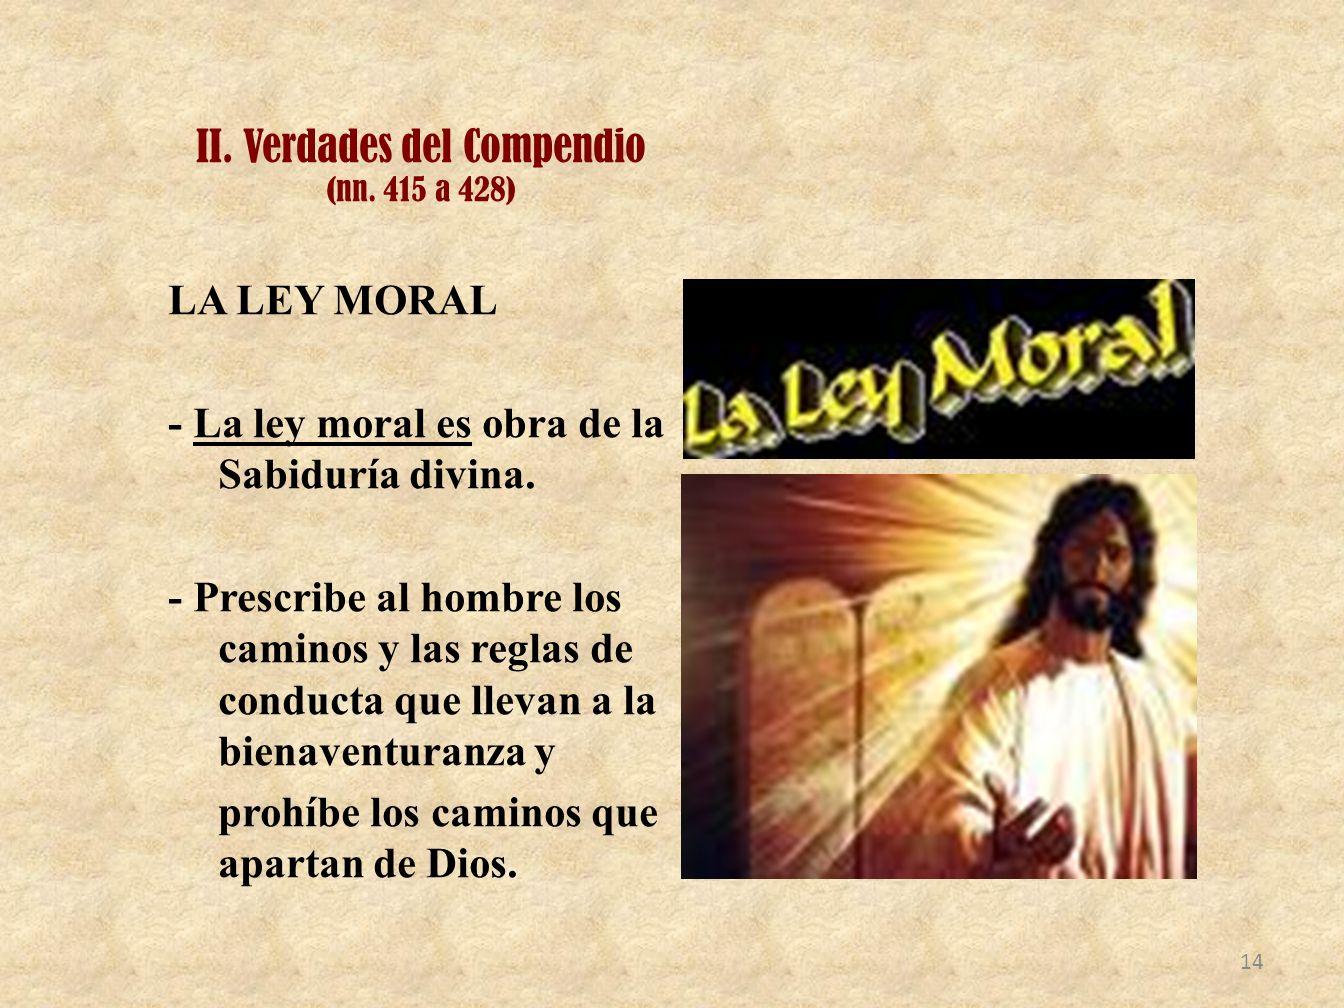 II. Verdades del Compendio (nn. 415 a 428) LA LEY MORAL - La ley moral es obra de la Sabiduría divina. - Prescribe al hombre los caminos y las reglas